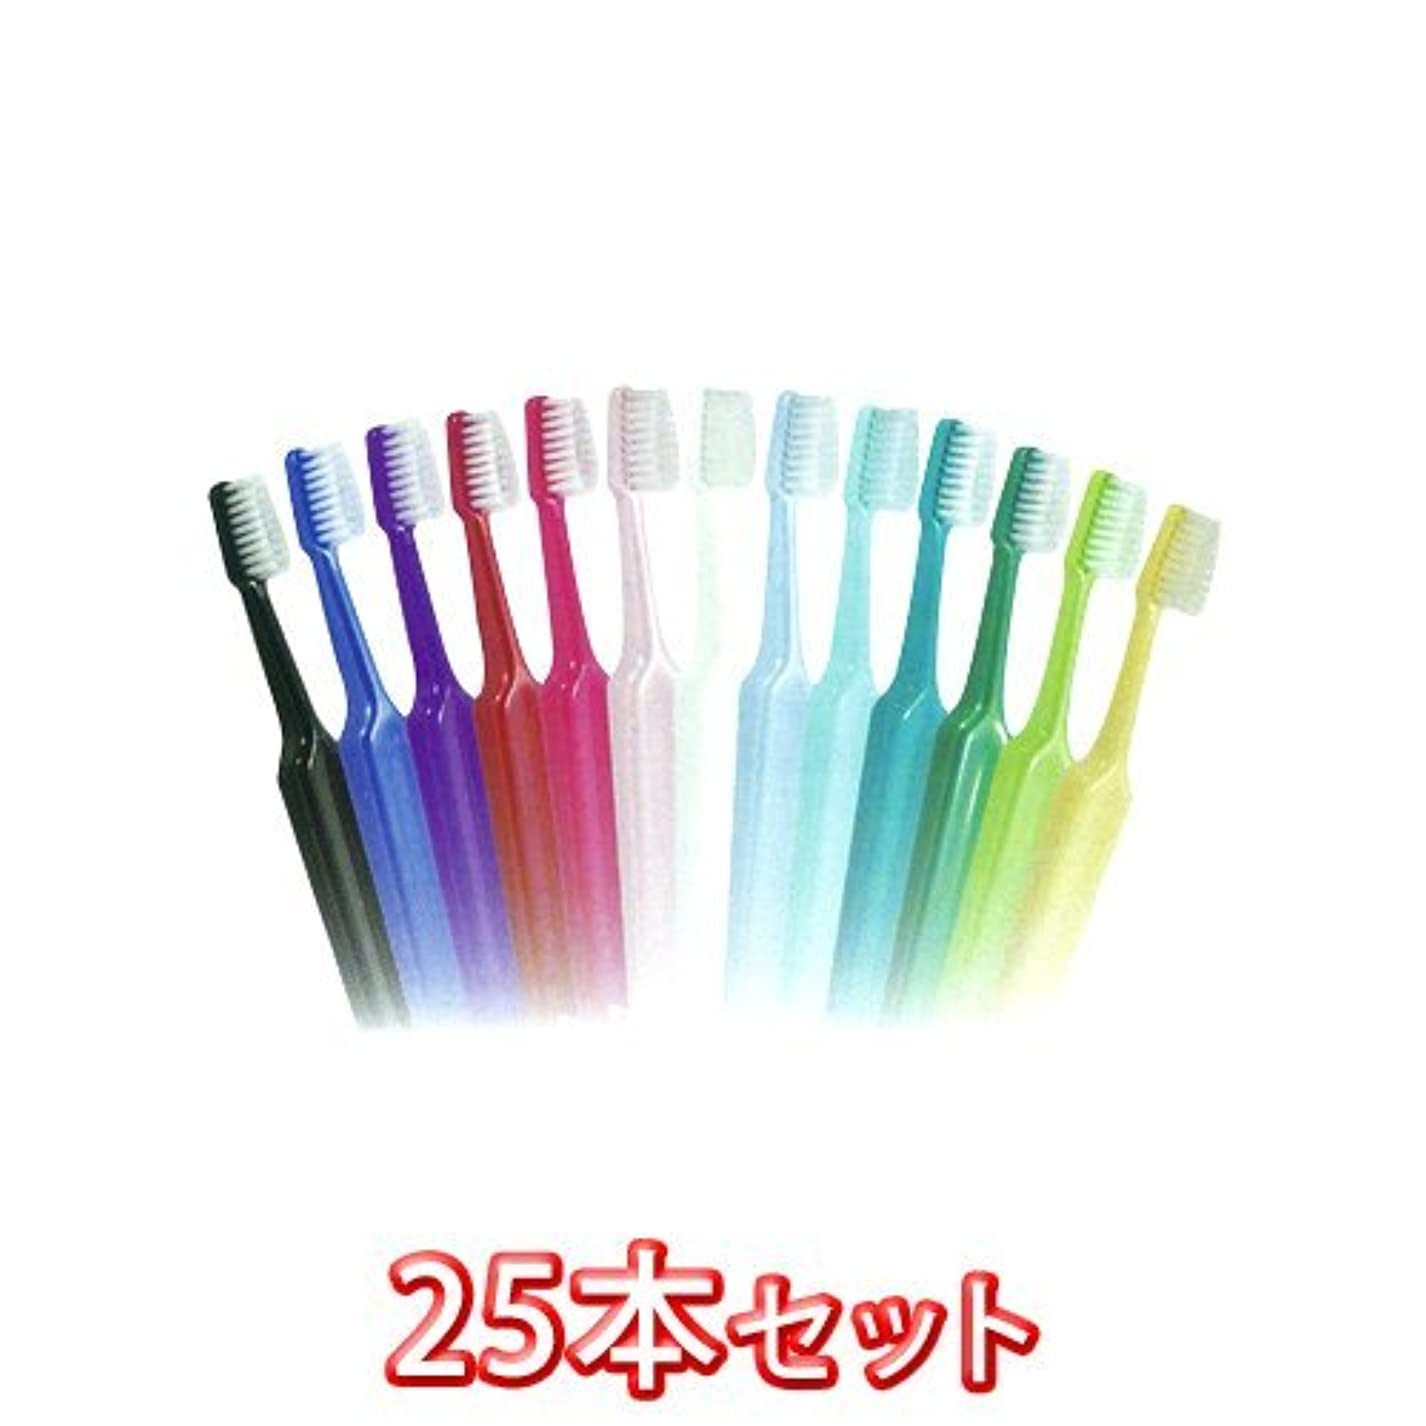 結婚したエッセイ代表してTePeテペセレクトコンパクト歯ブラシ 25本(コンパクトエクストラソフト)